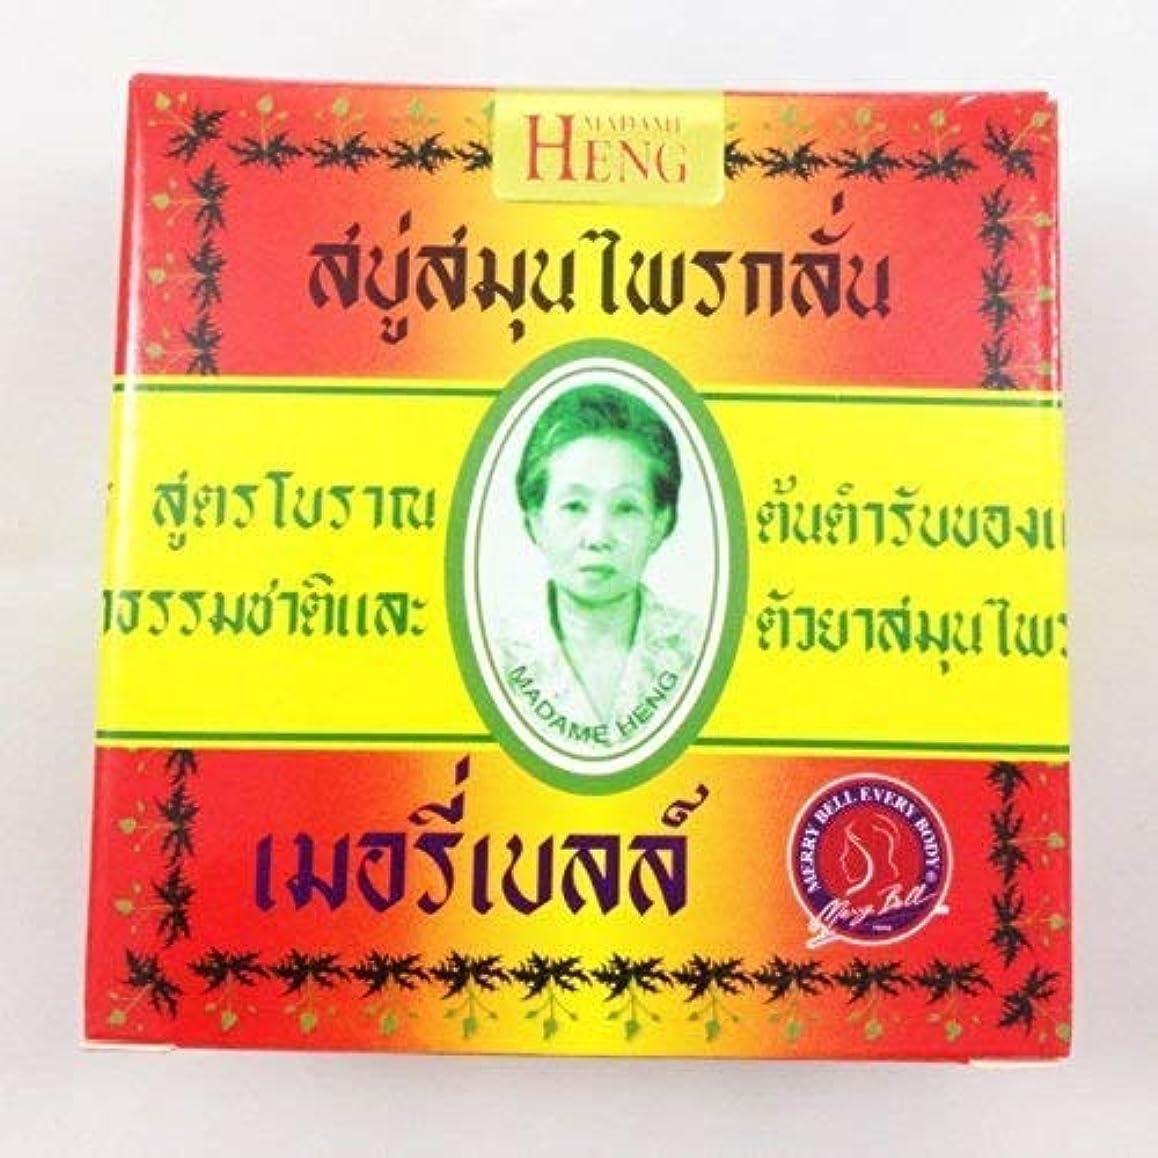 動的接続詞スツールMadame Heng Thai Original Natural Herbal Soap Bar Made in Thailand 160gx2pcs by Ni Yom Thai shop